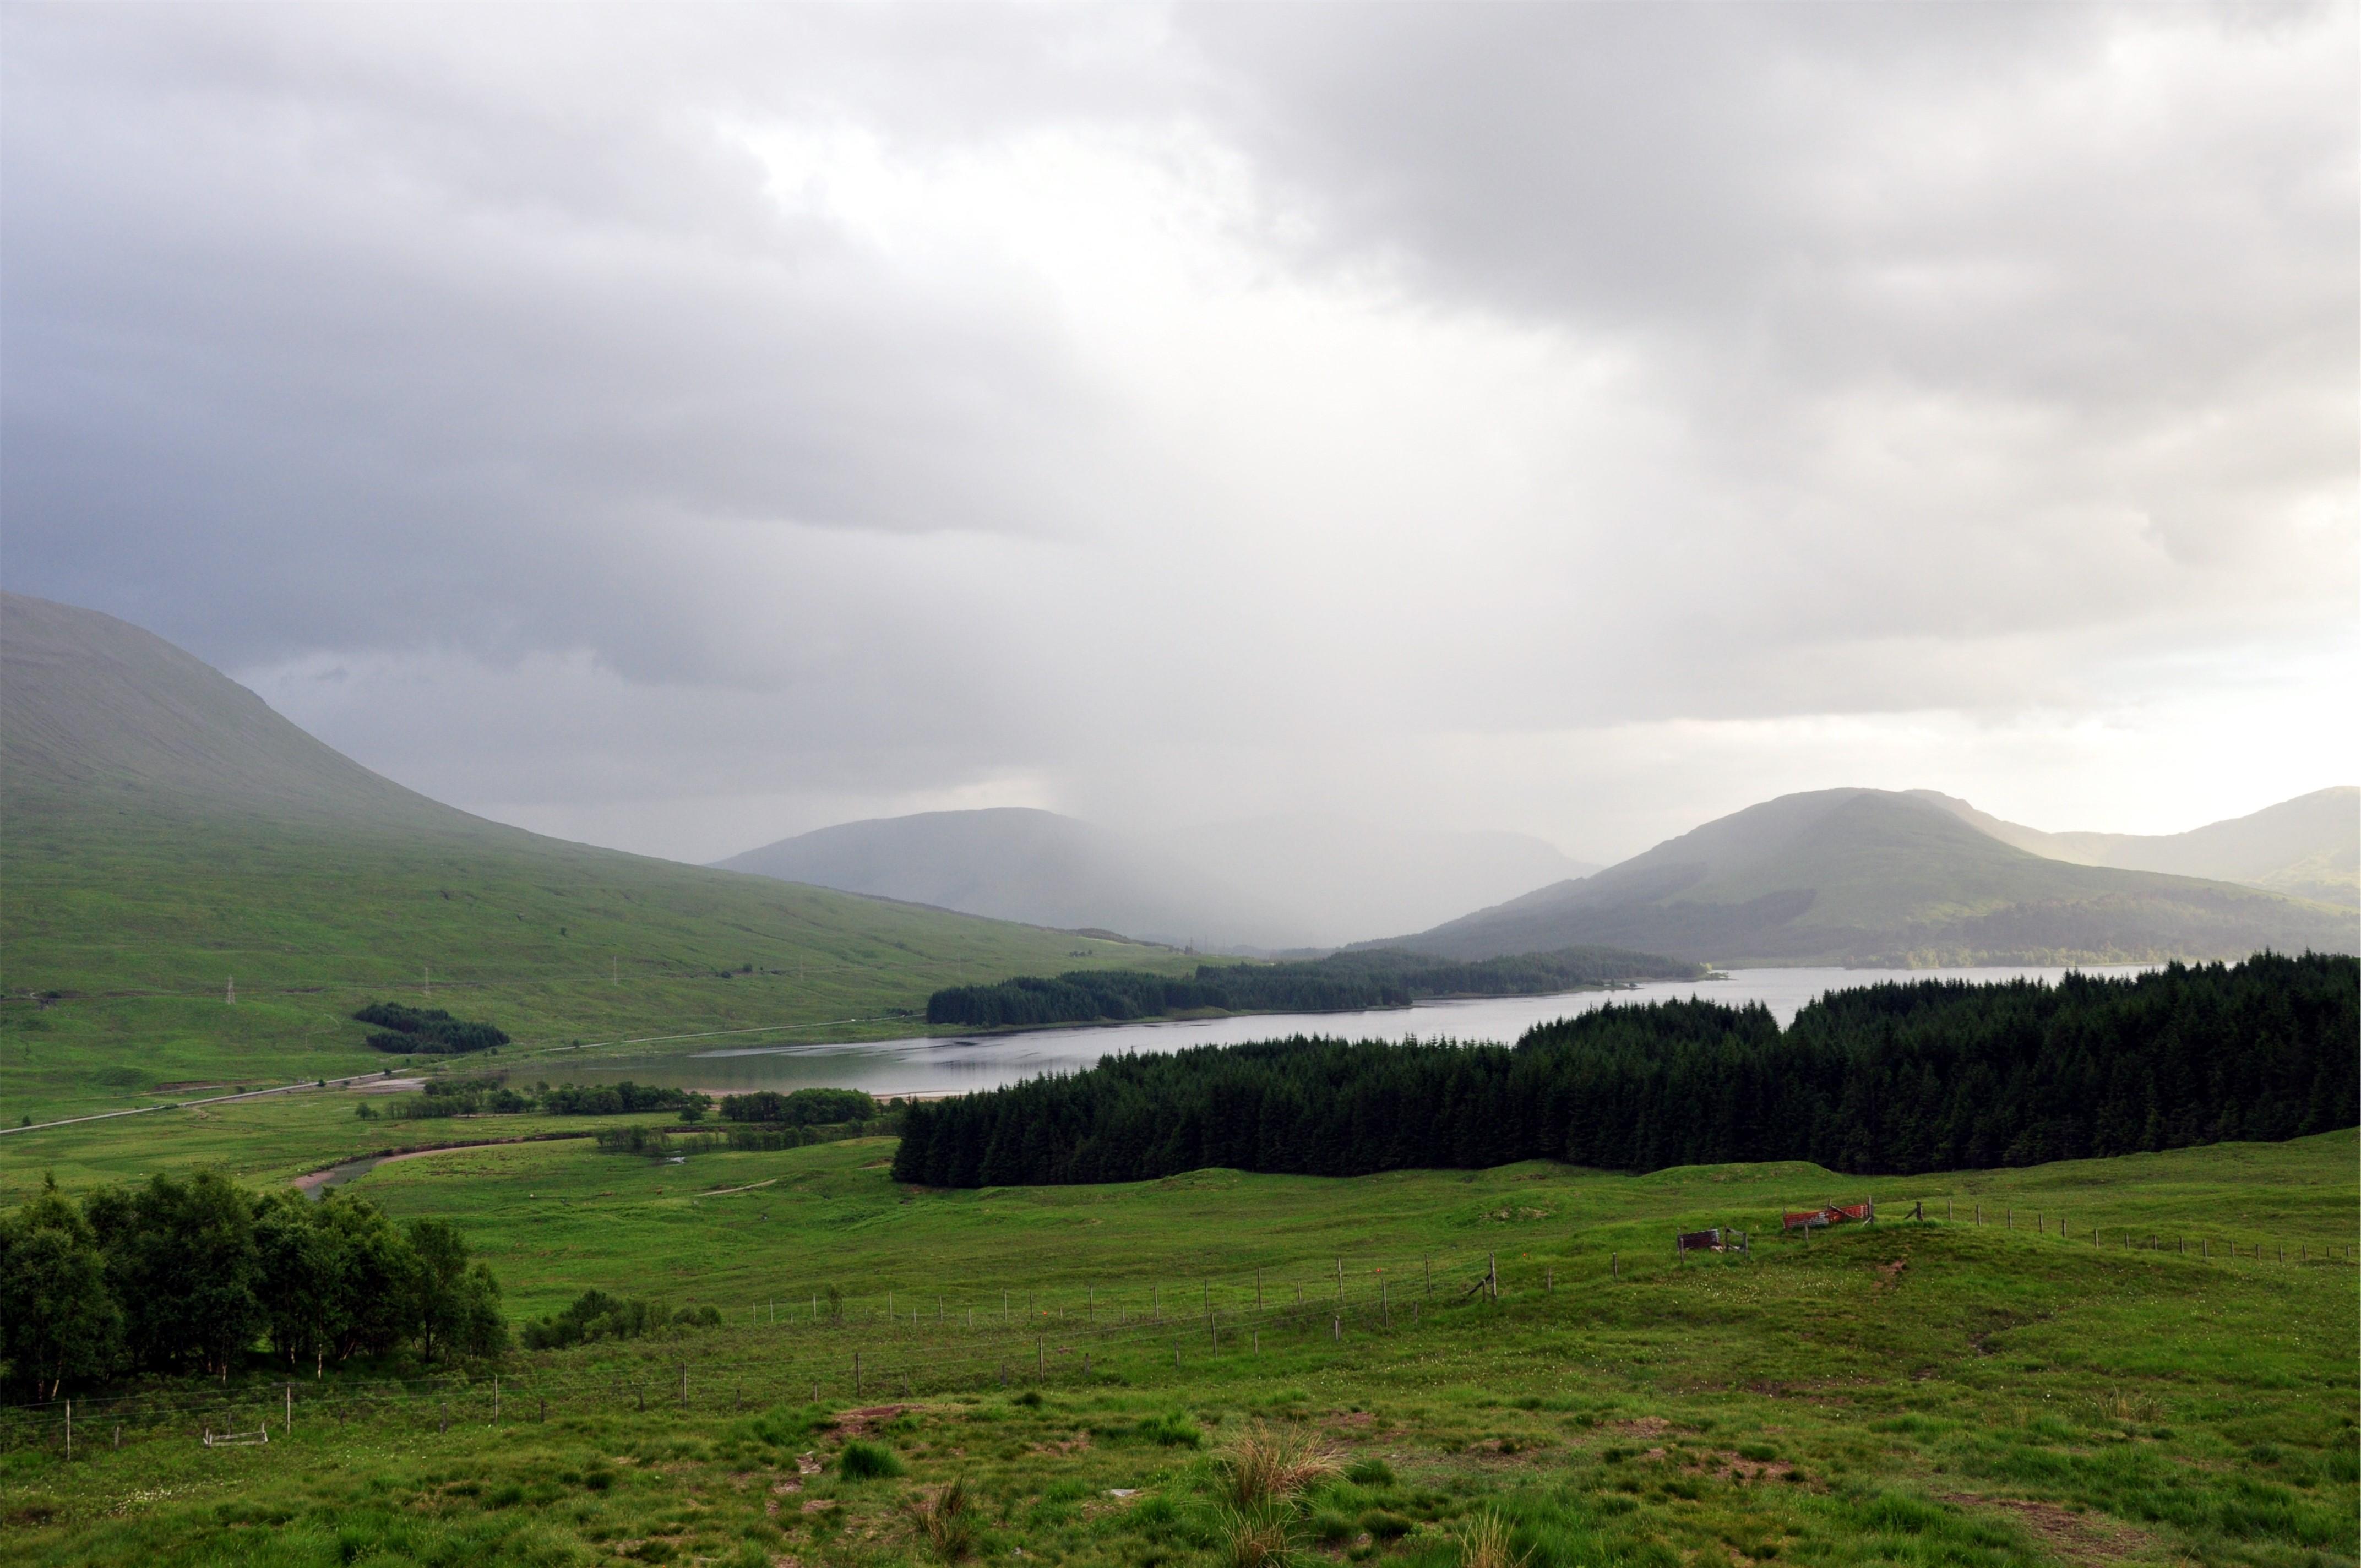 Hành trình du lịch Anh - Scotland 10N9Đ - Cao nguyên Scotland